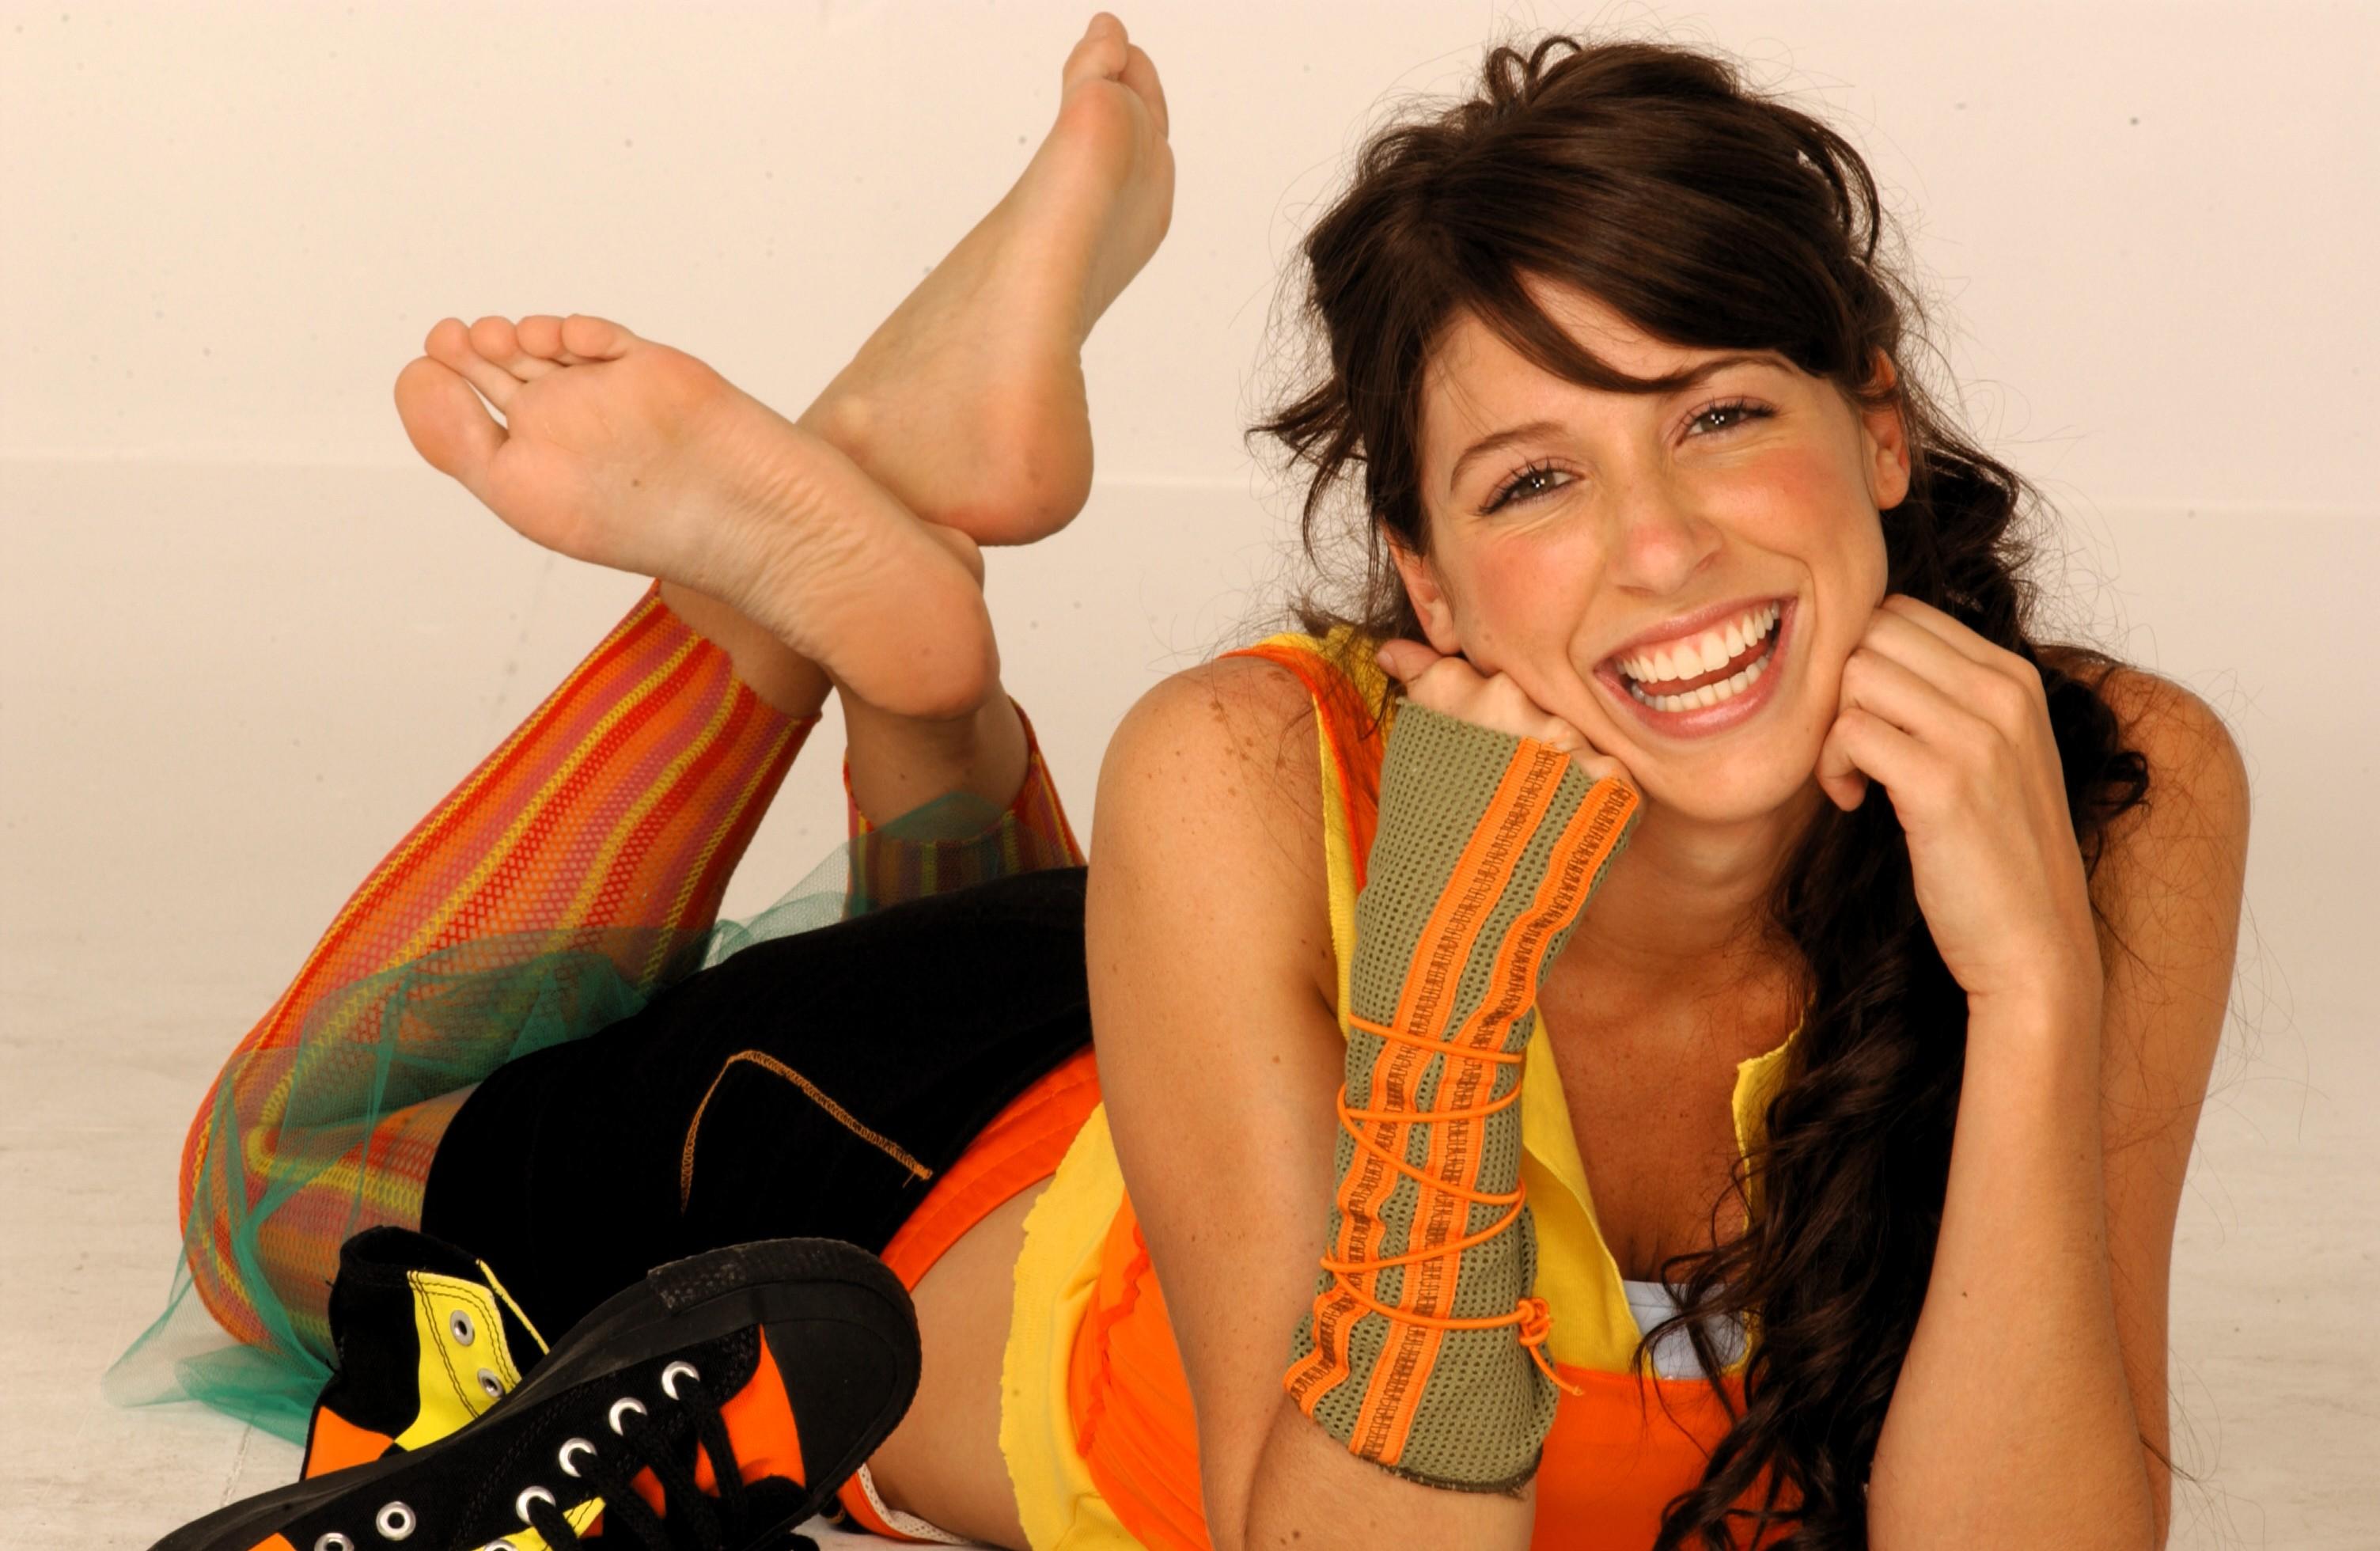 Sexy feet vulgar bitch olga 10